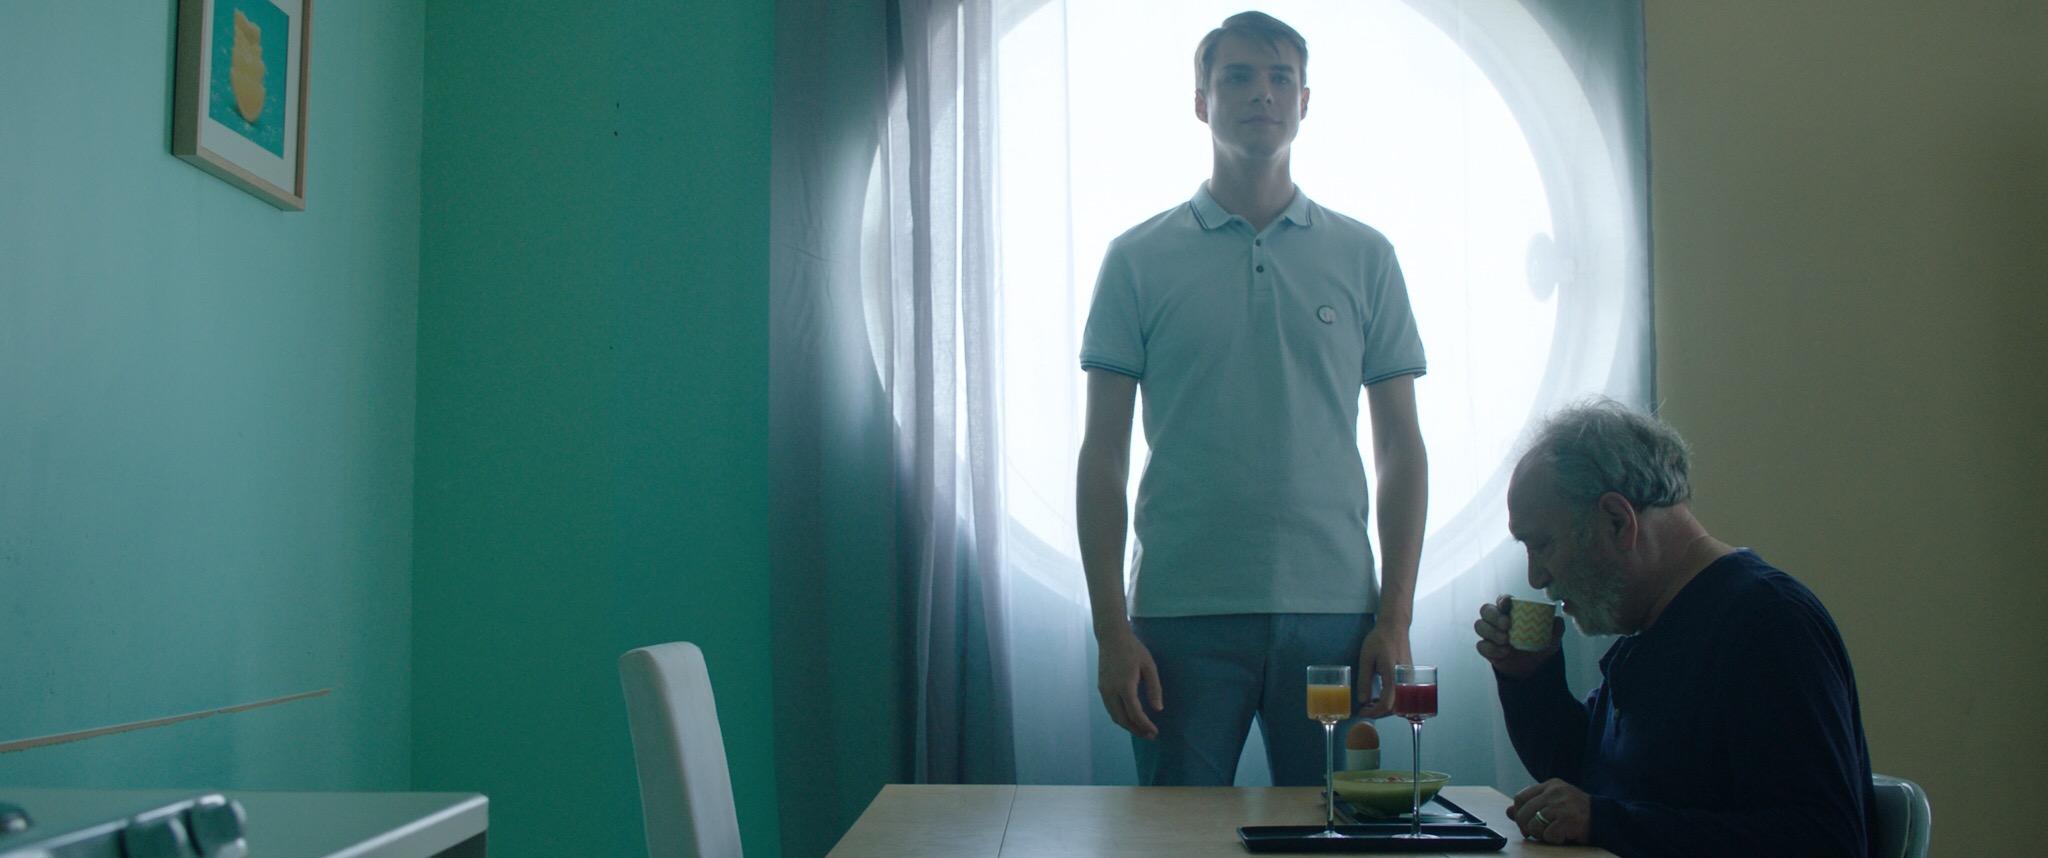 Court métrage JE VEILLE SUR TOI de Janek Tarkowski (2019)